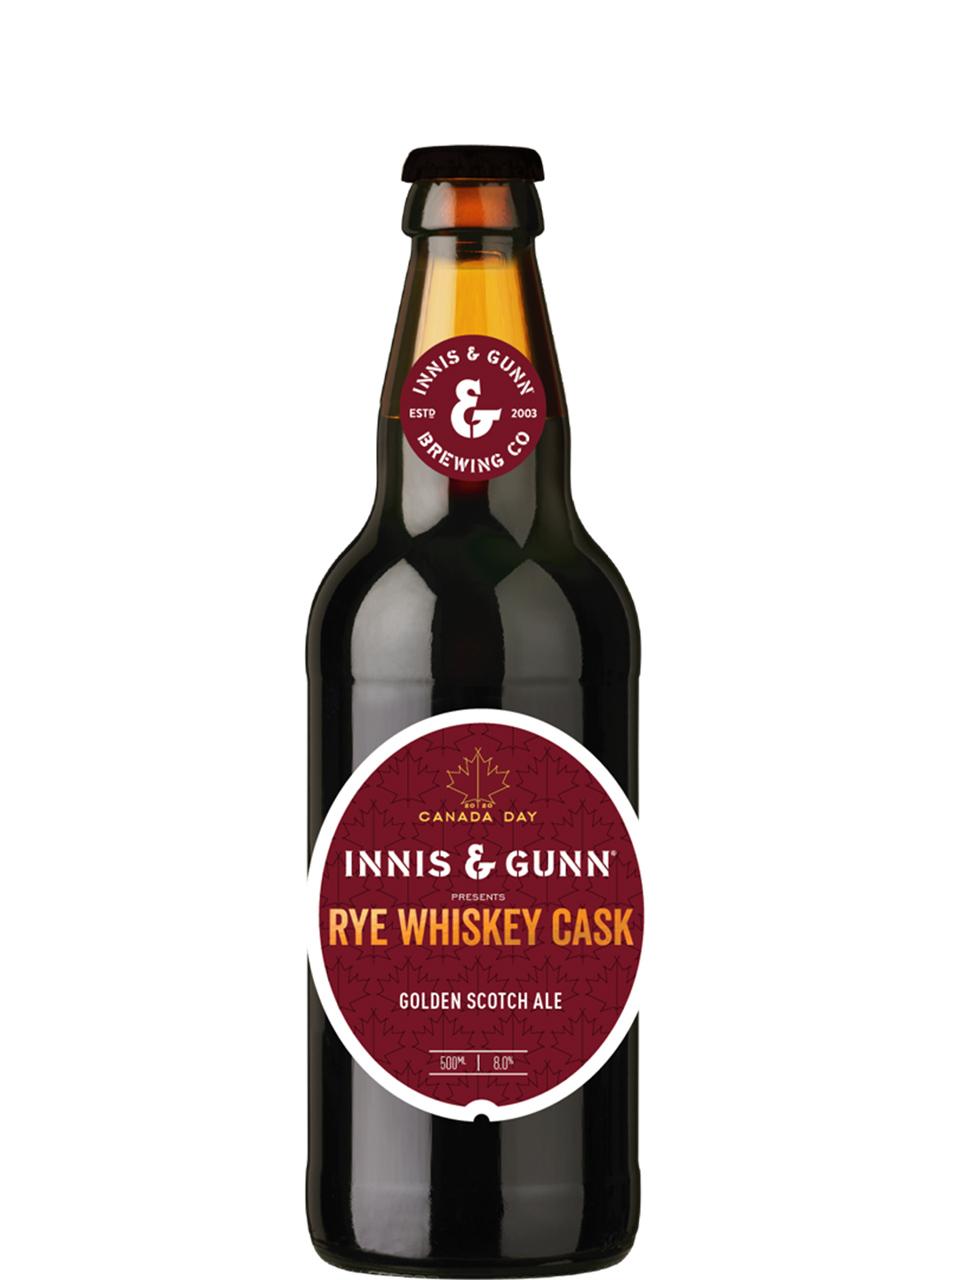 Innis & Gunn Rye Whiskey Cask 500ml Bottle